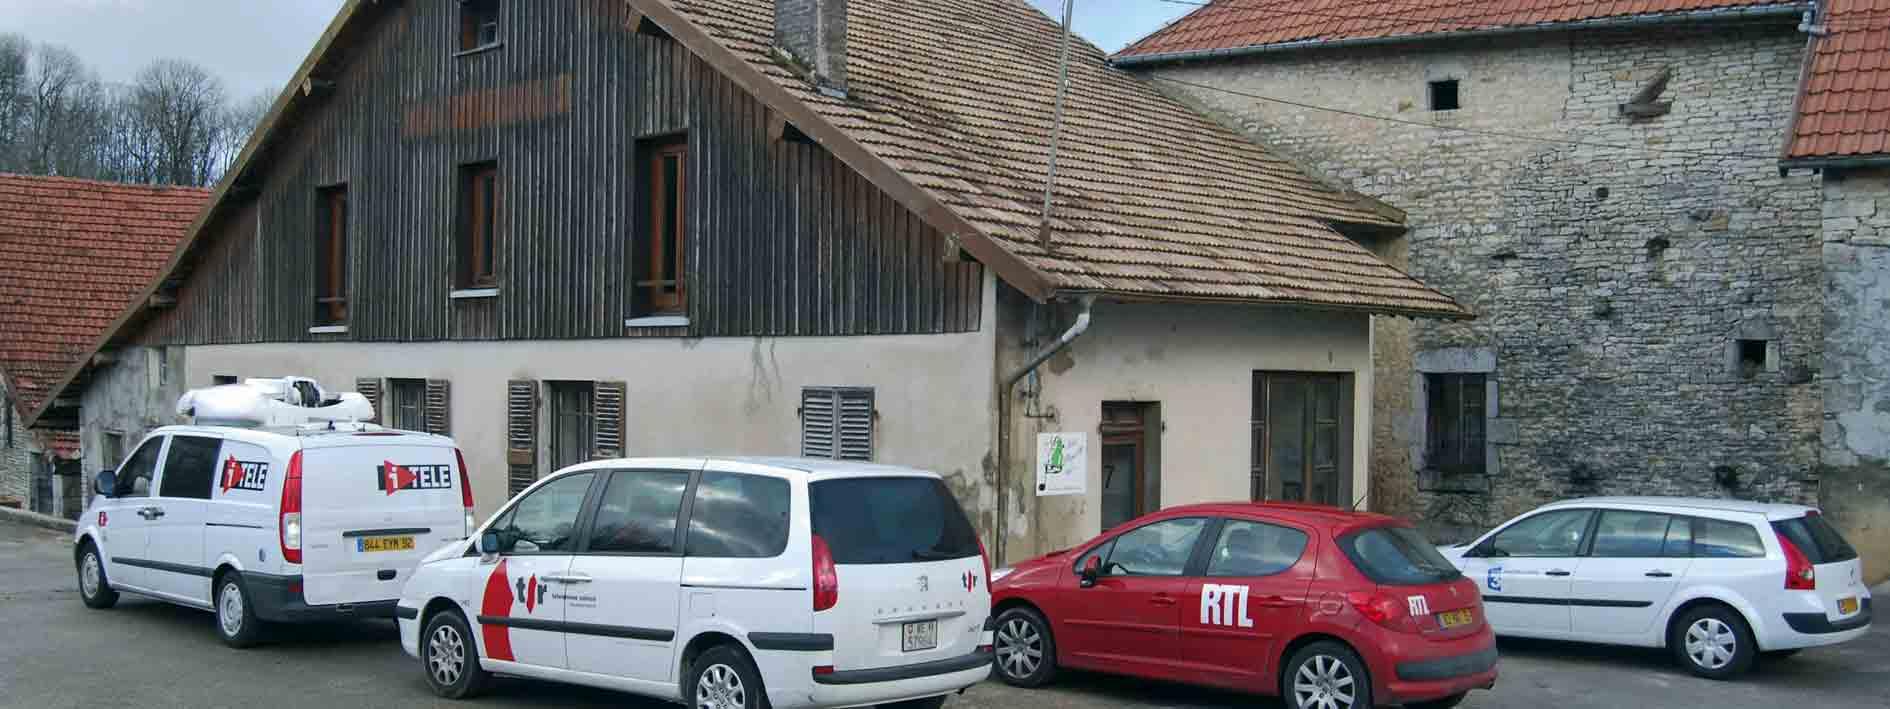 villagesfm_speleo.jpg - 81.66 Ko